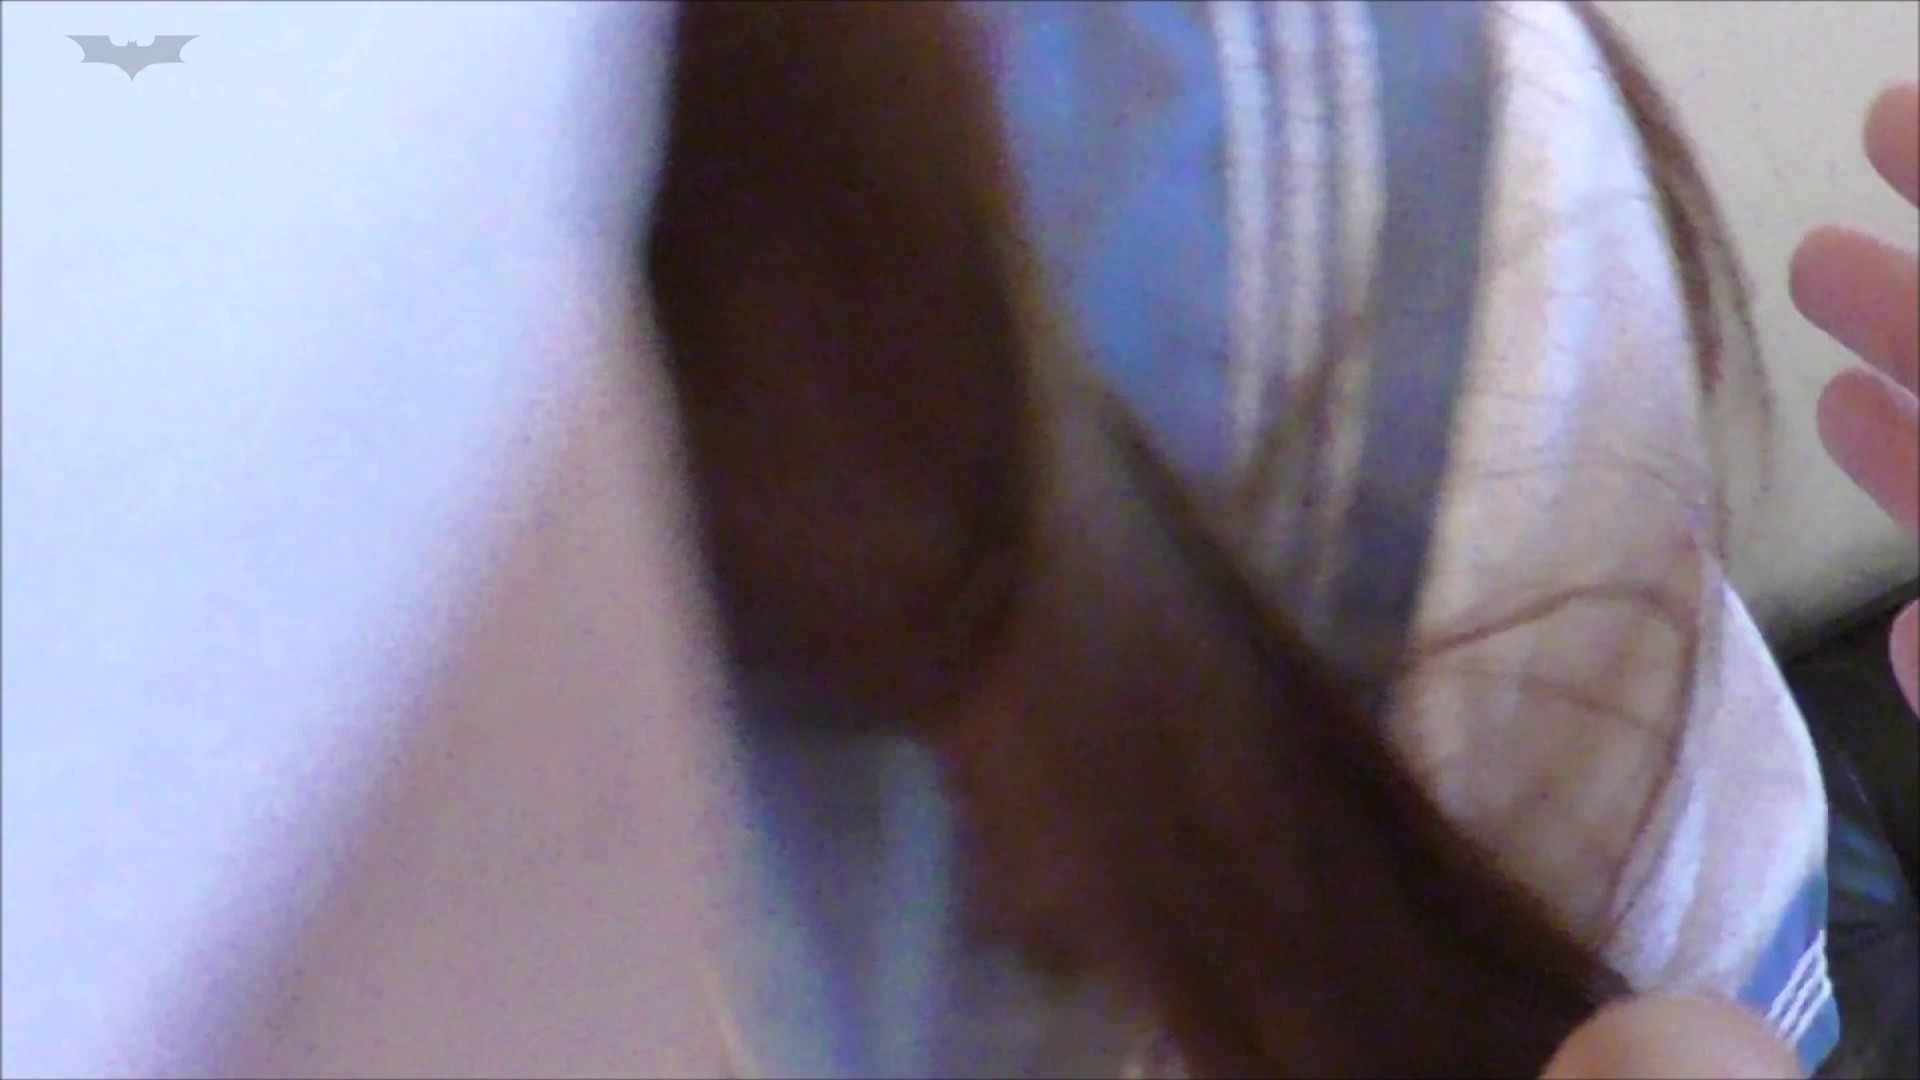 パンツを売る女 Vol.04 やっぱり強引さは大切!! いじくり オマンコ無修正動画無料 107画像 22